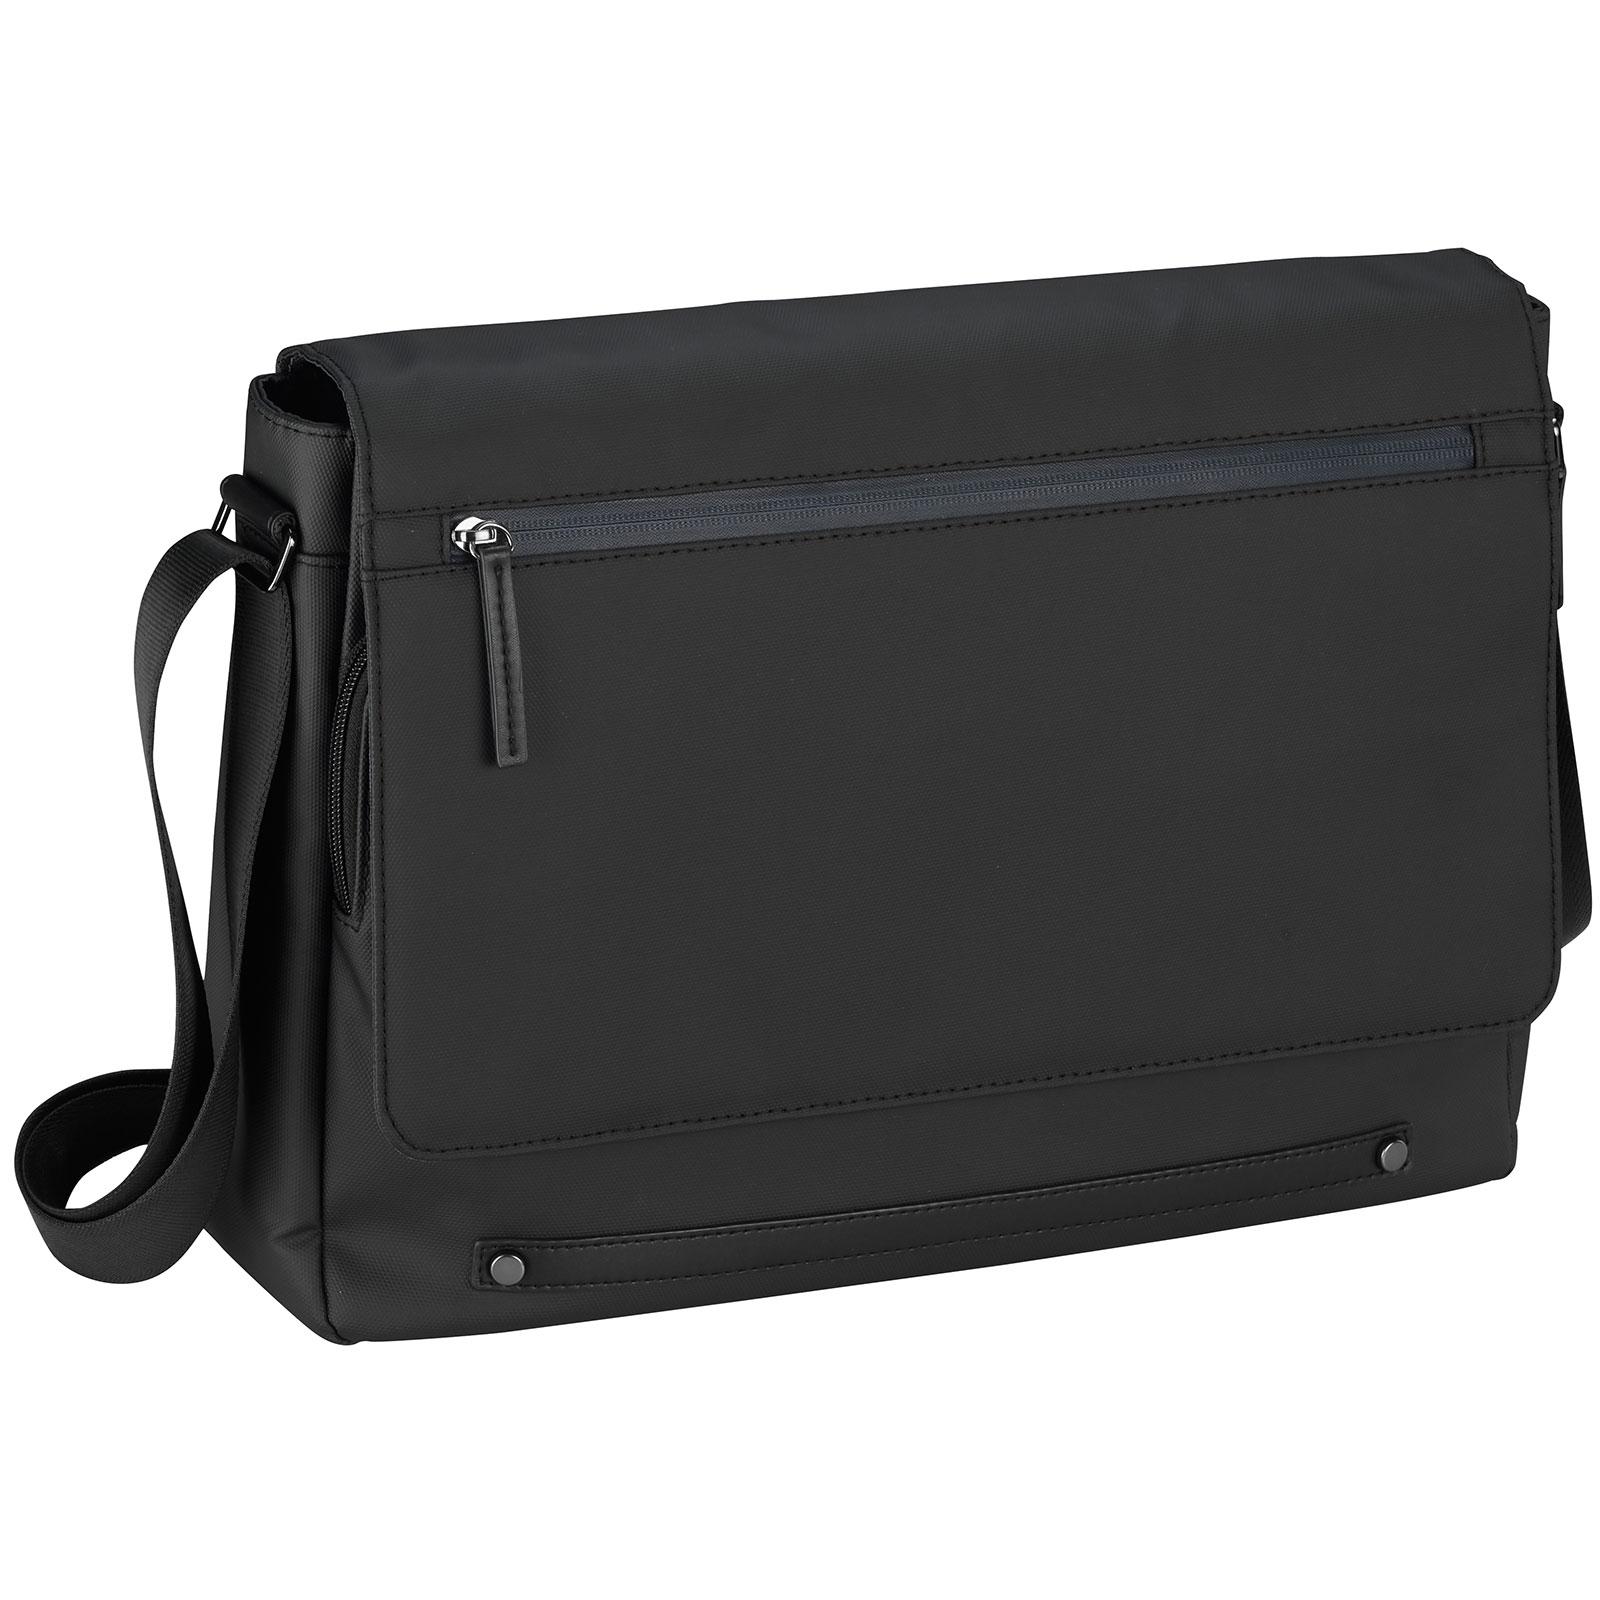 d&n Lederwaren d&n Basic Line Messenger Bag 40 cm 12 l - Schwarz 5315 01